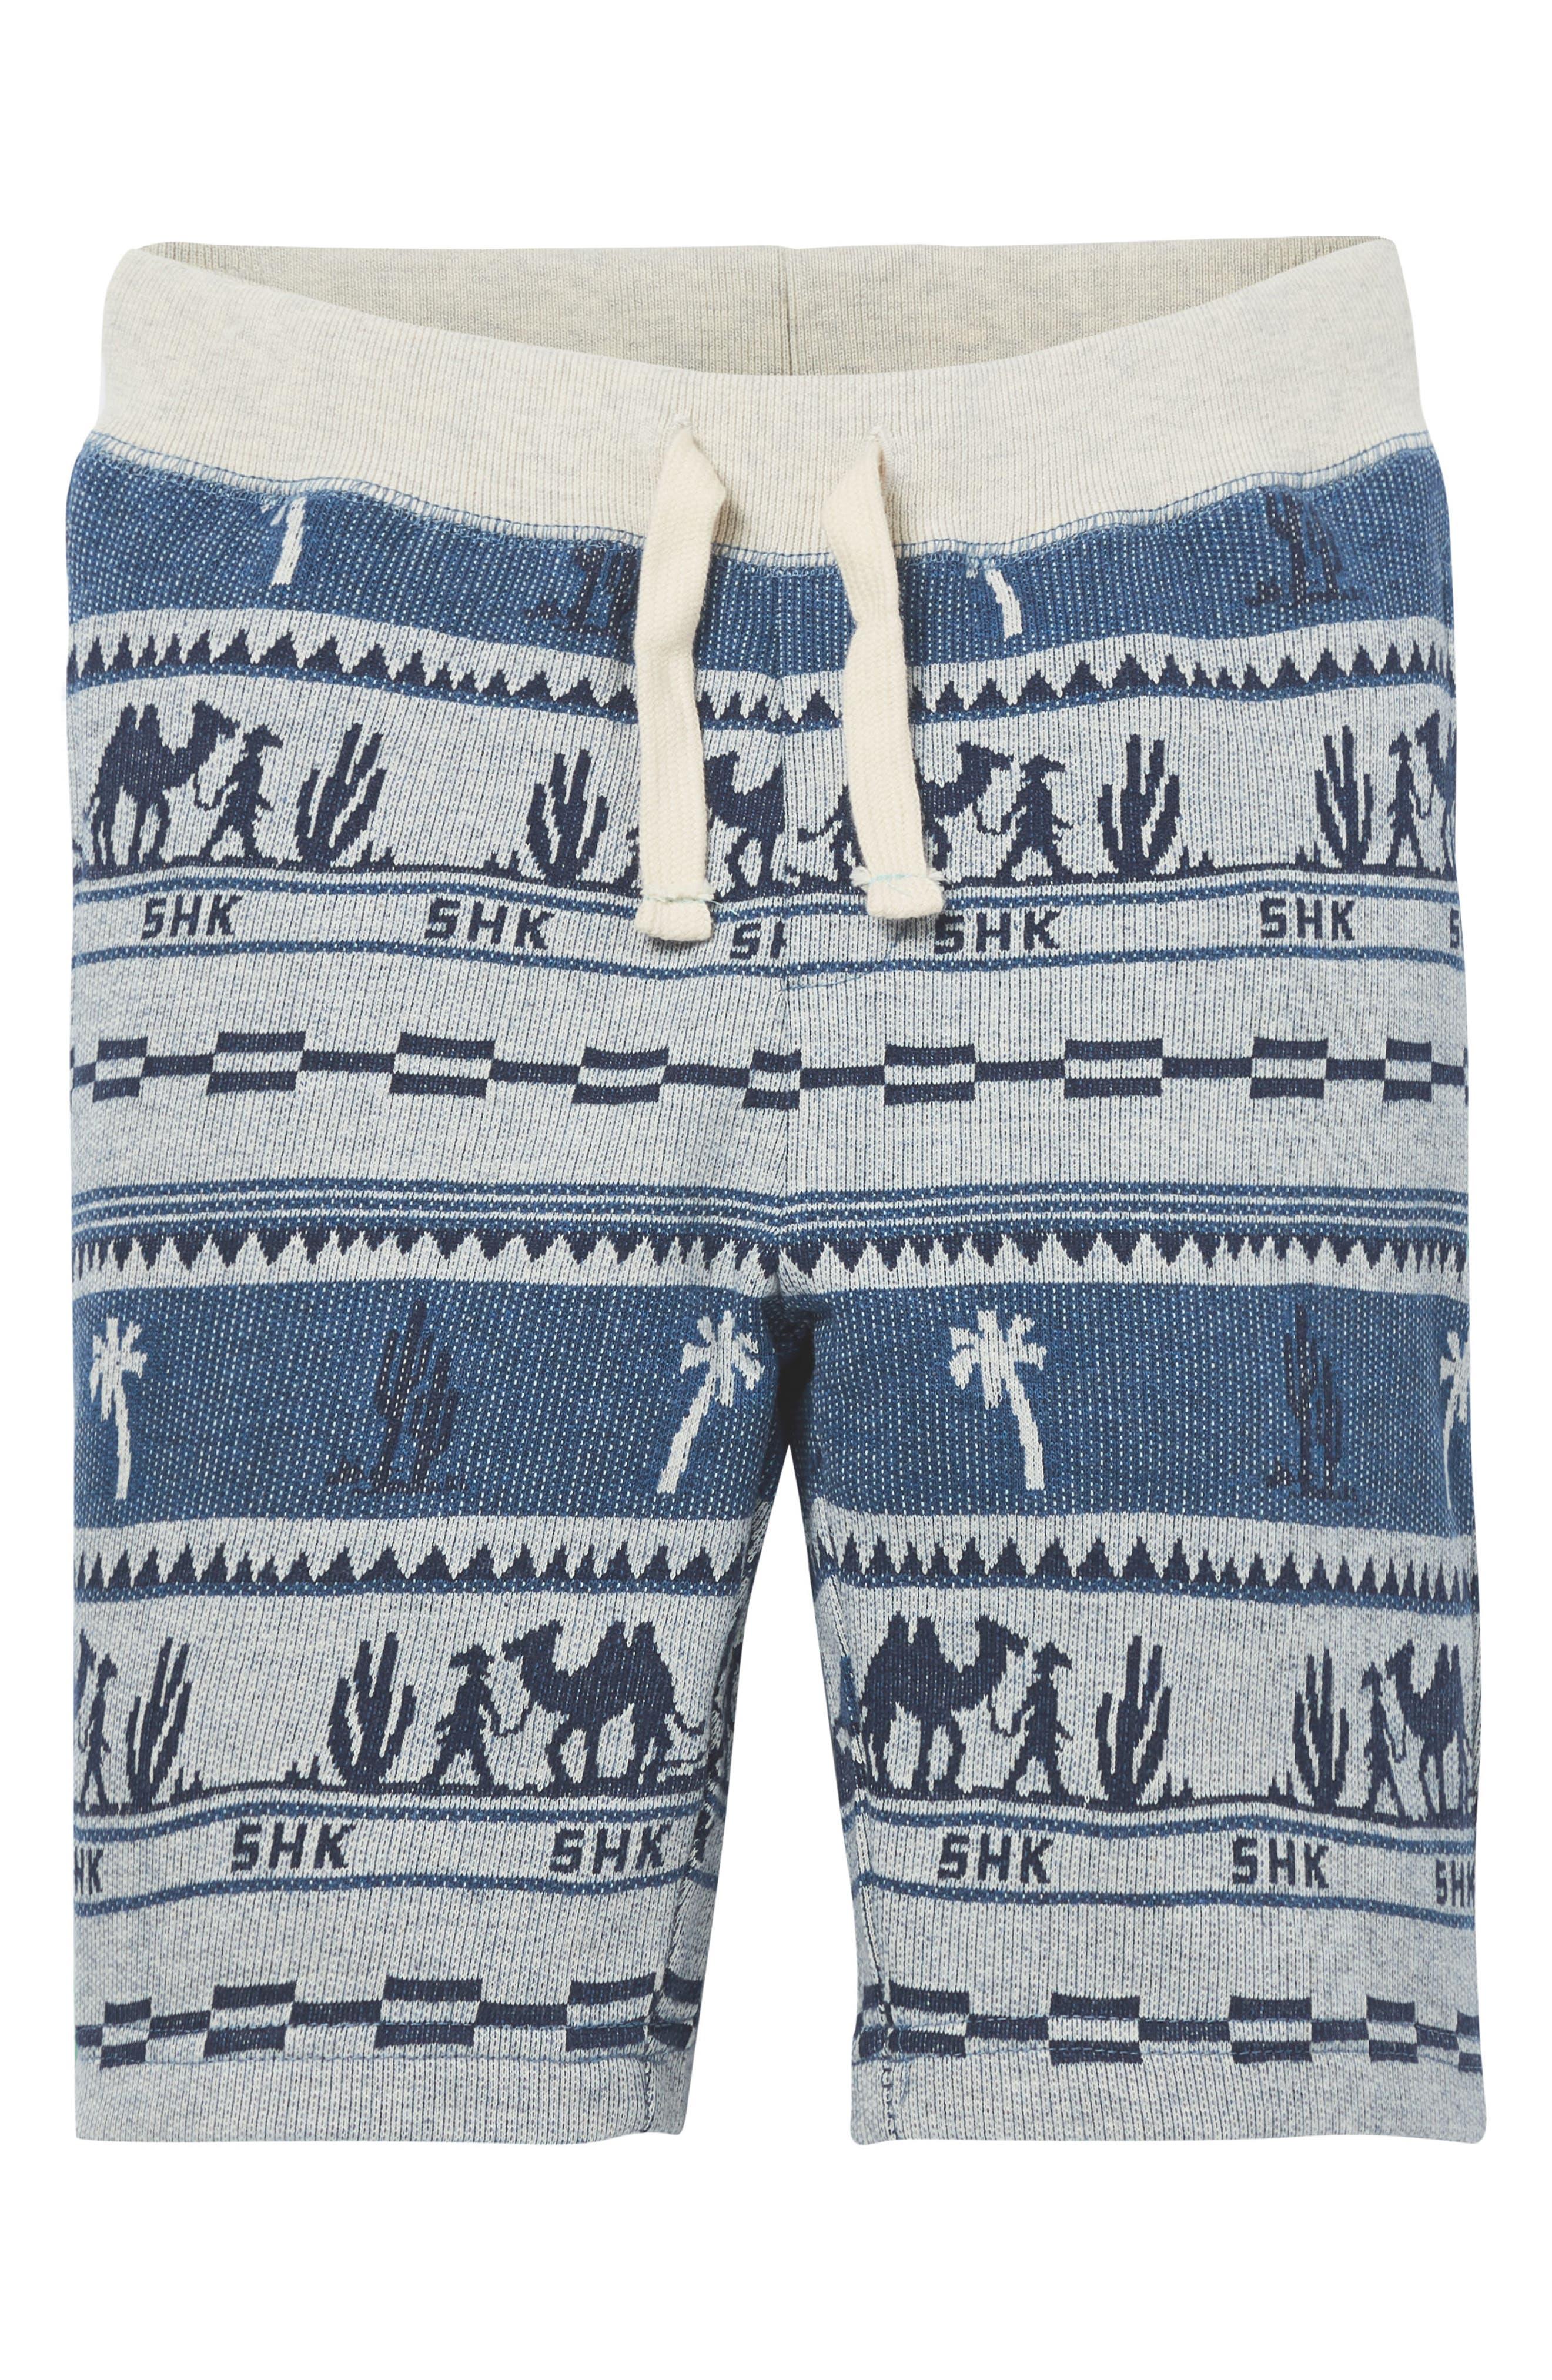 Print Knit Shorts,                         Main,                         color, 400